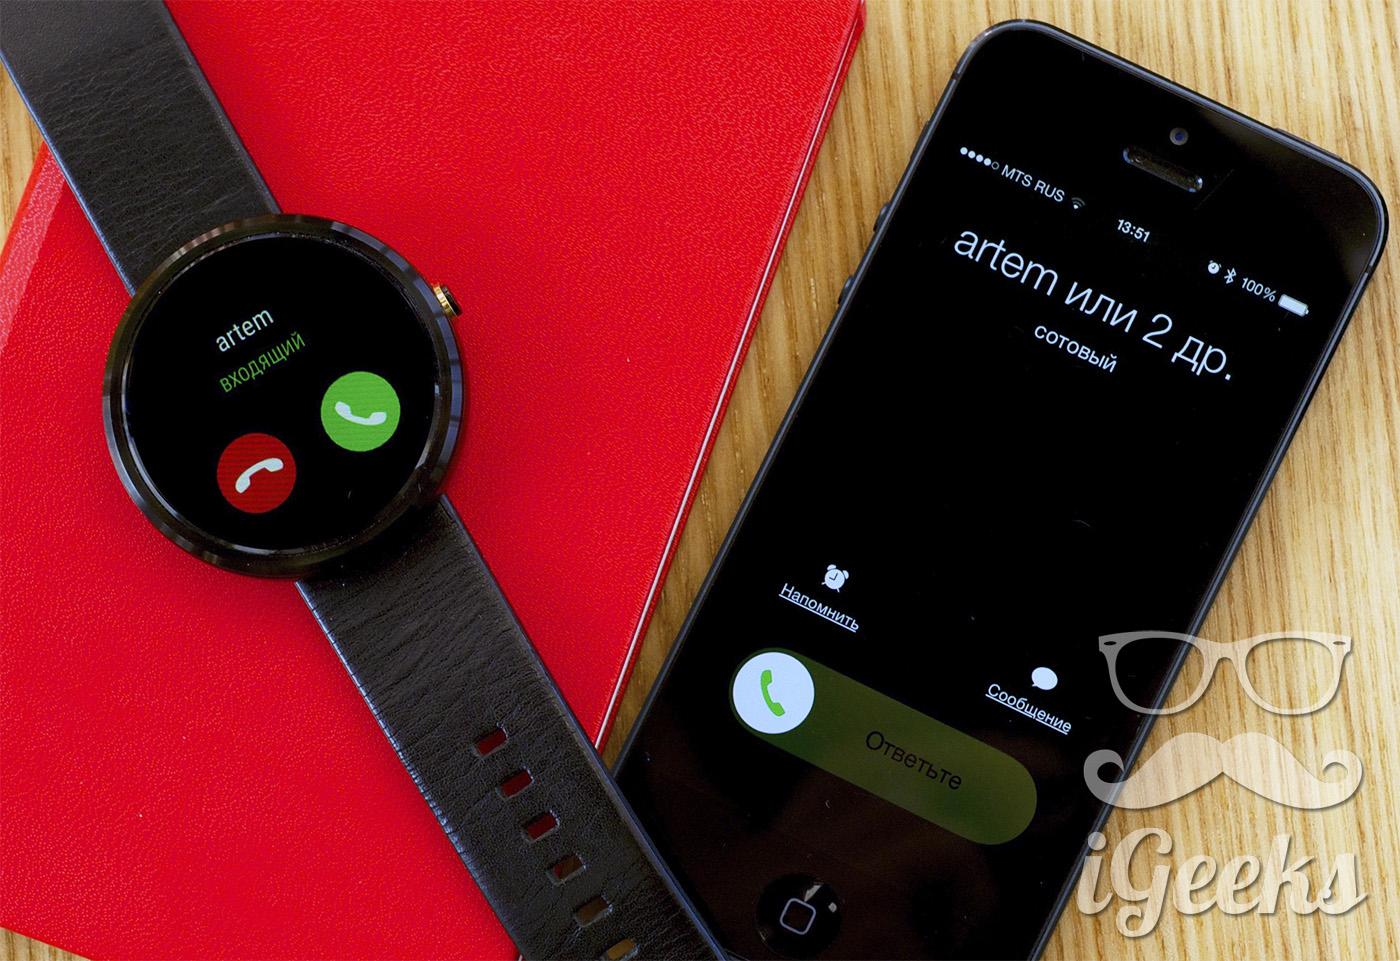 iPhone-Moto360-Geeks